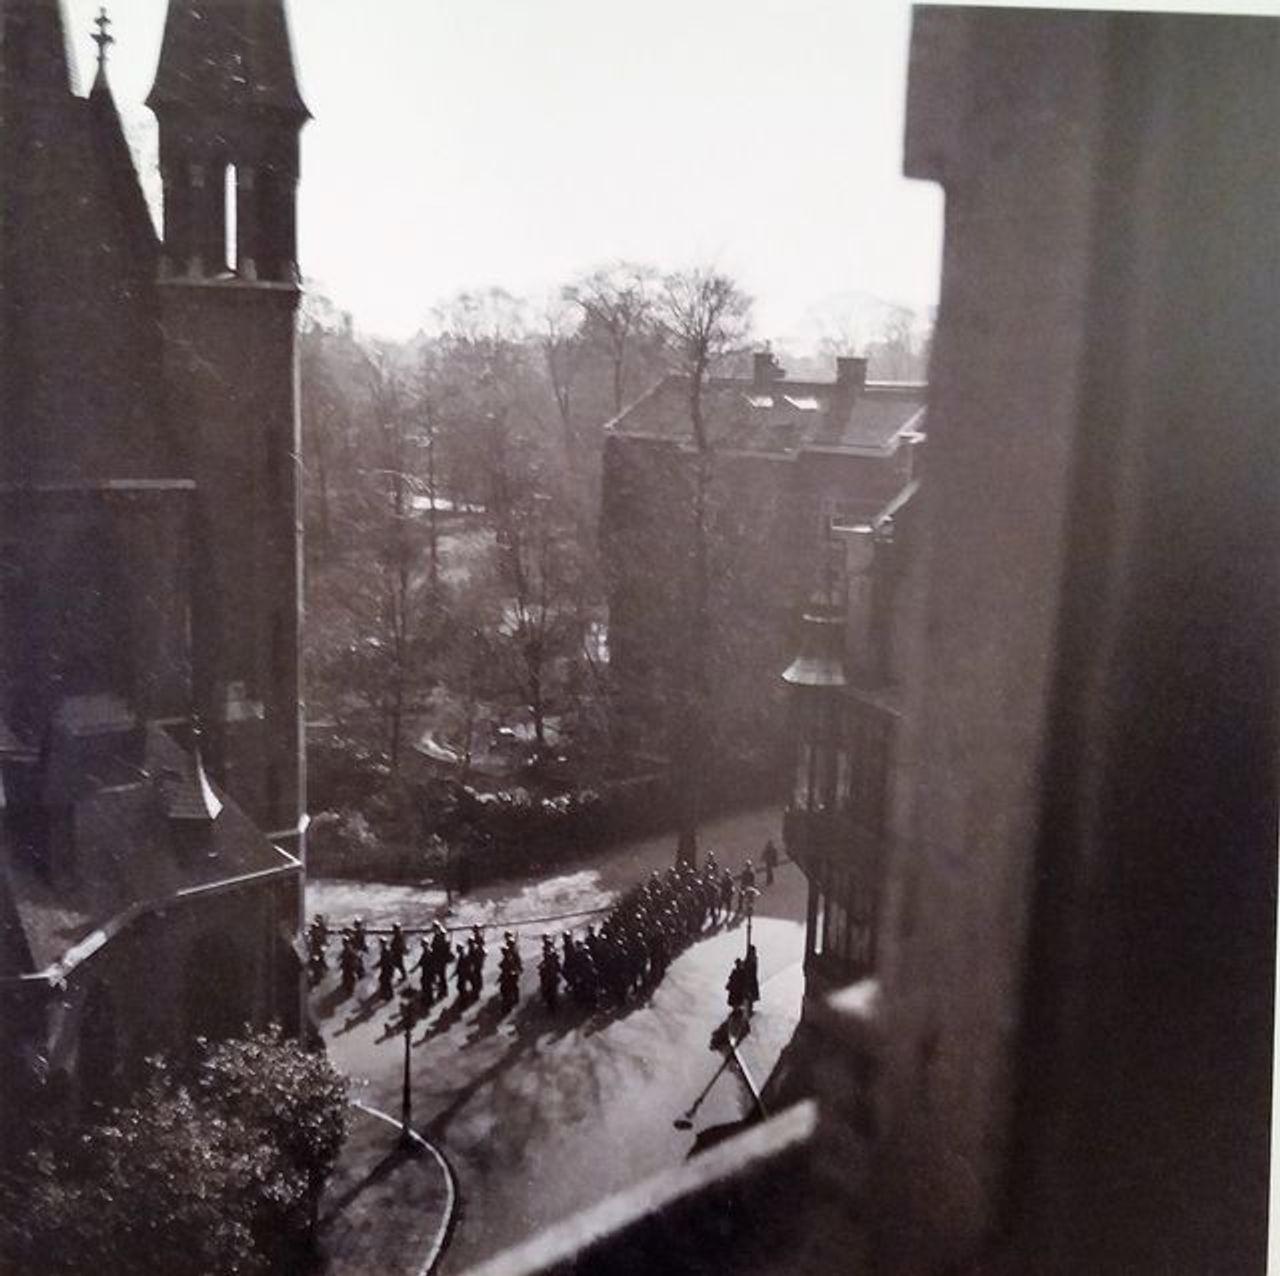 Maria Austria, German soldiers marching in Amsterdam, 1944-45. Maria Austria Instituut, Amsterdam